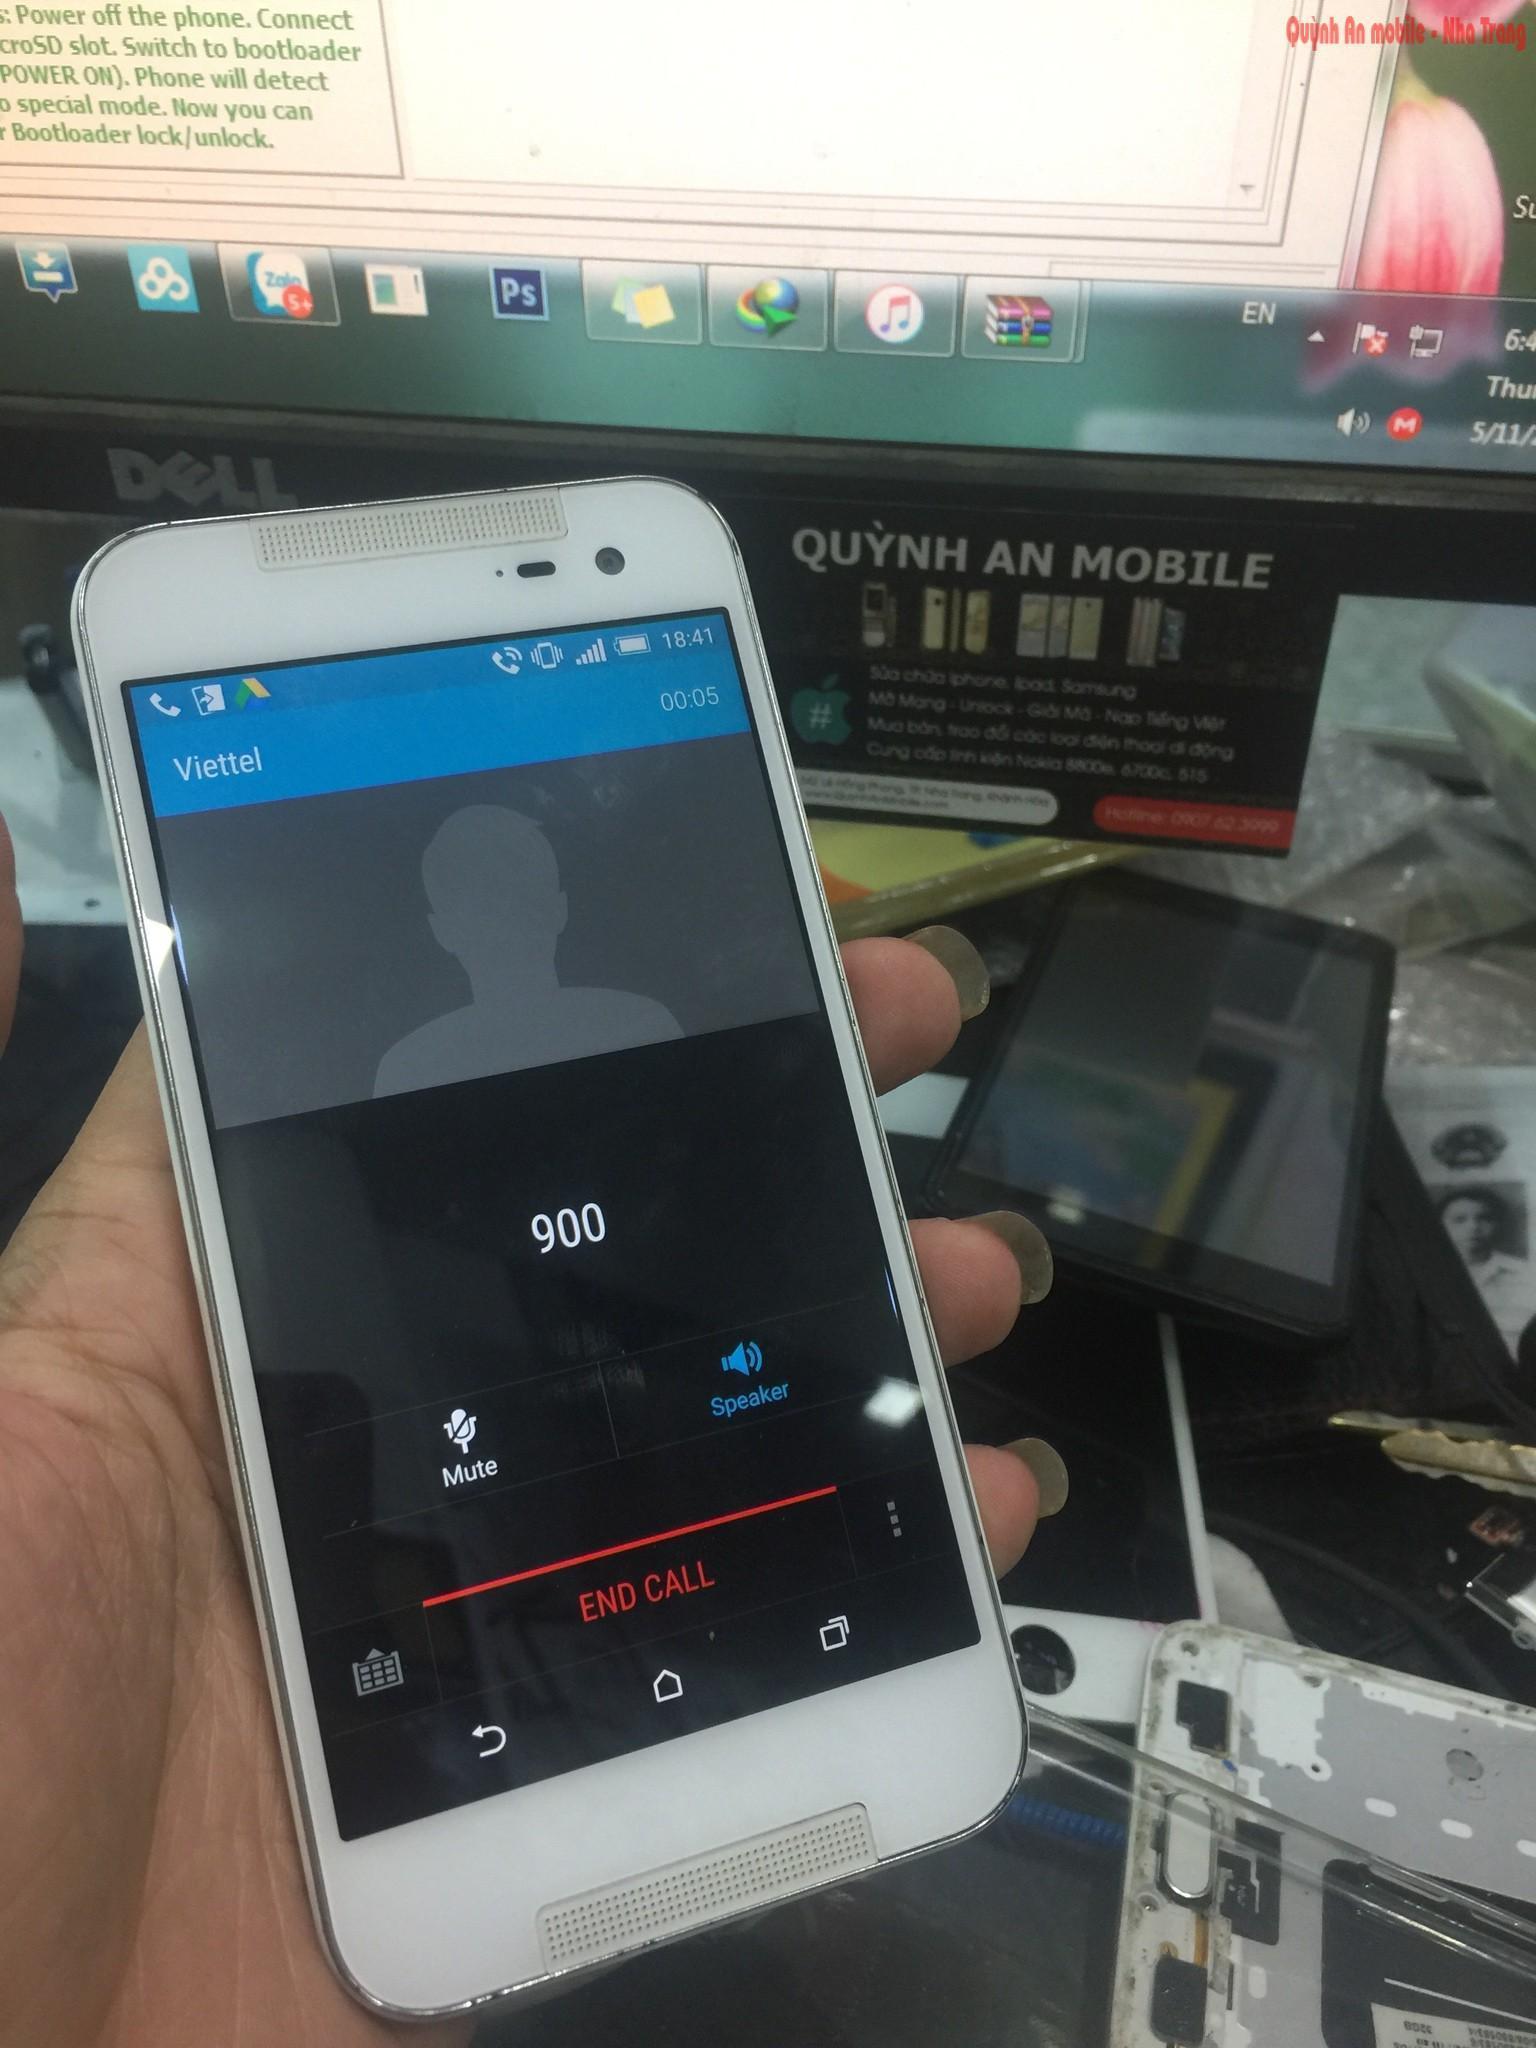 Mở mạng nạp tiếng việt HTC Butterfly 2 HTL23 tại Nha Trang bằng thiết bị chuyên dụng